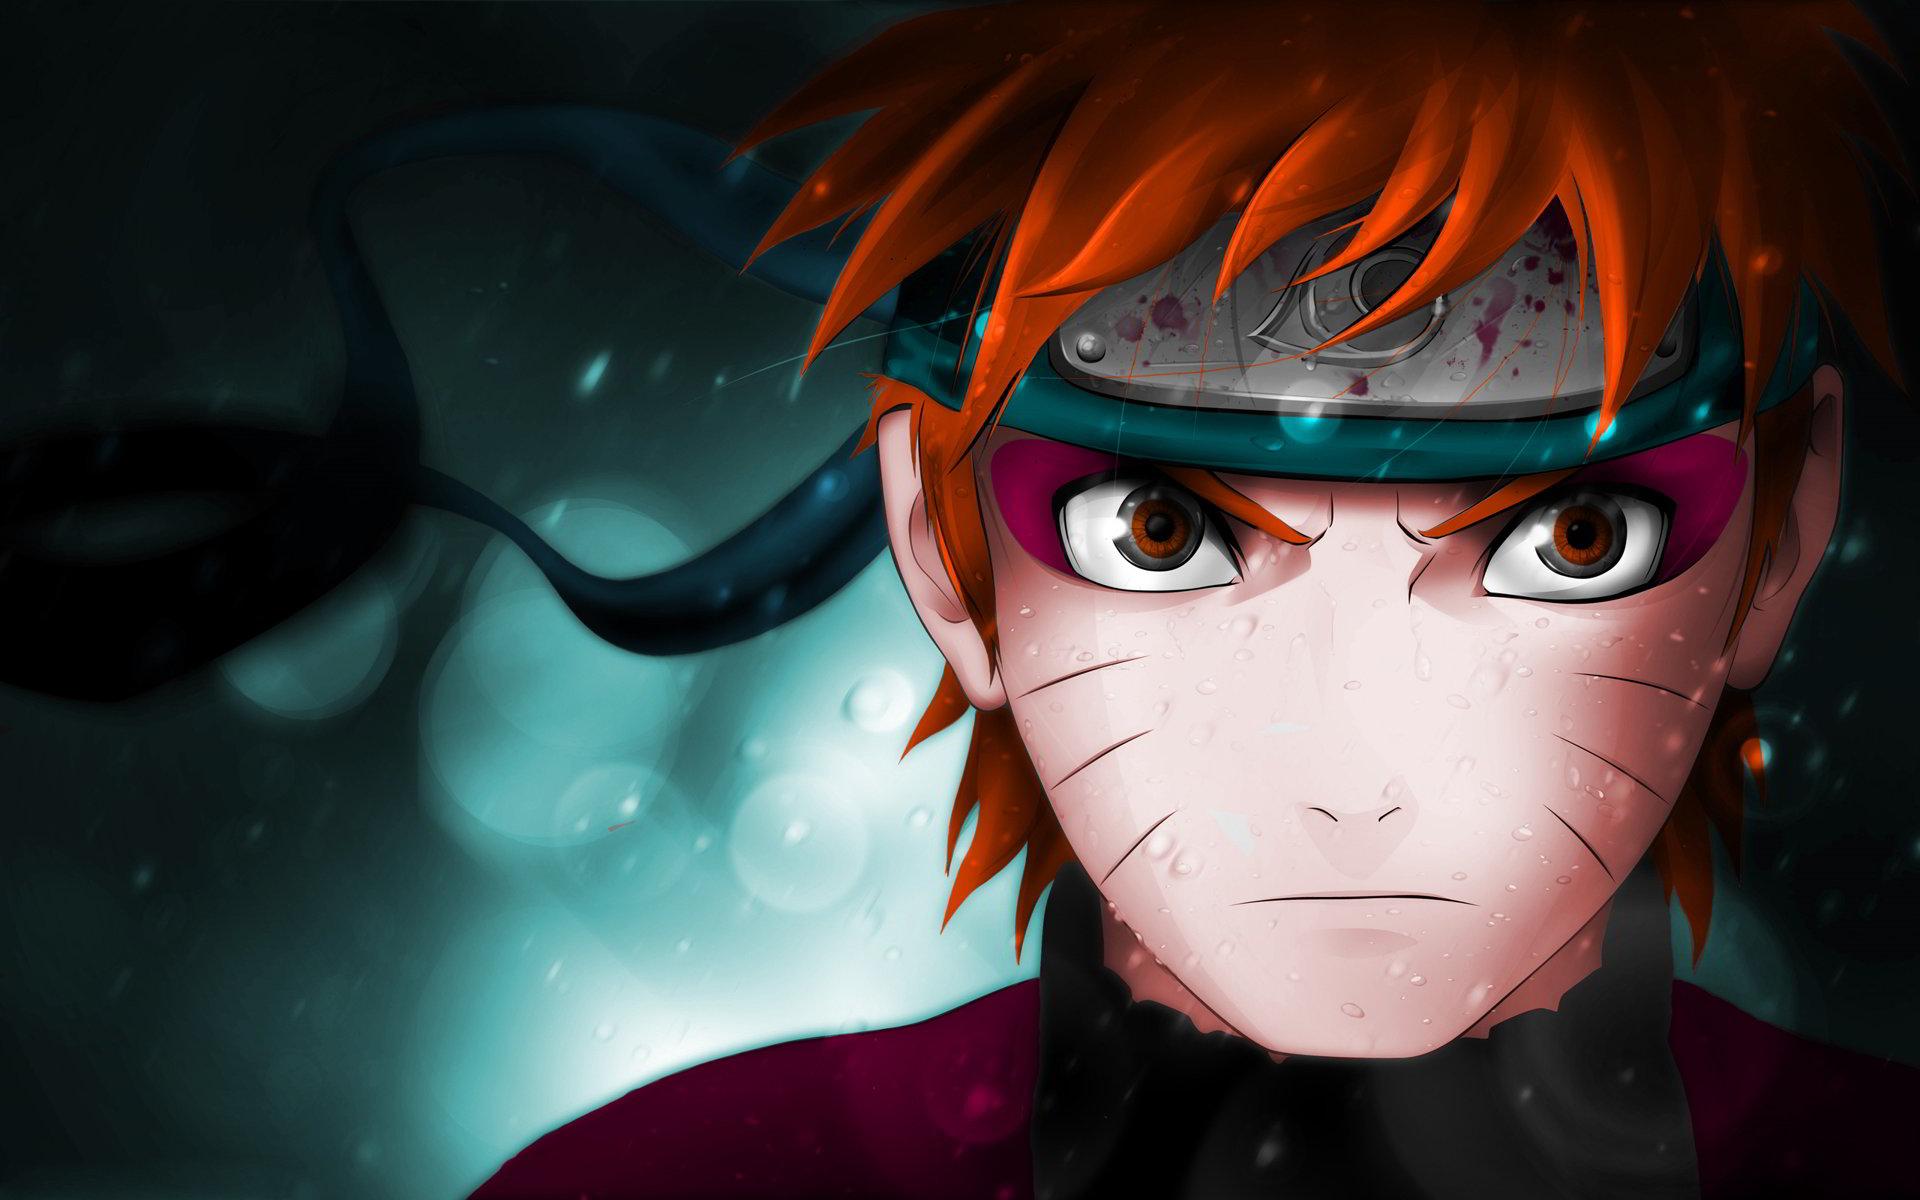 ảnh đẹp về Naruto